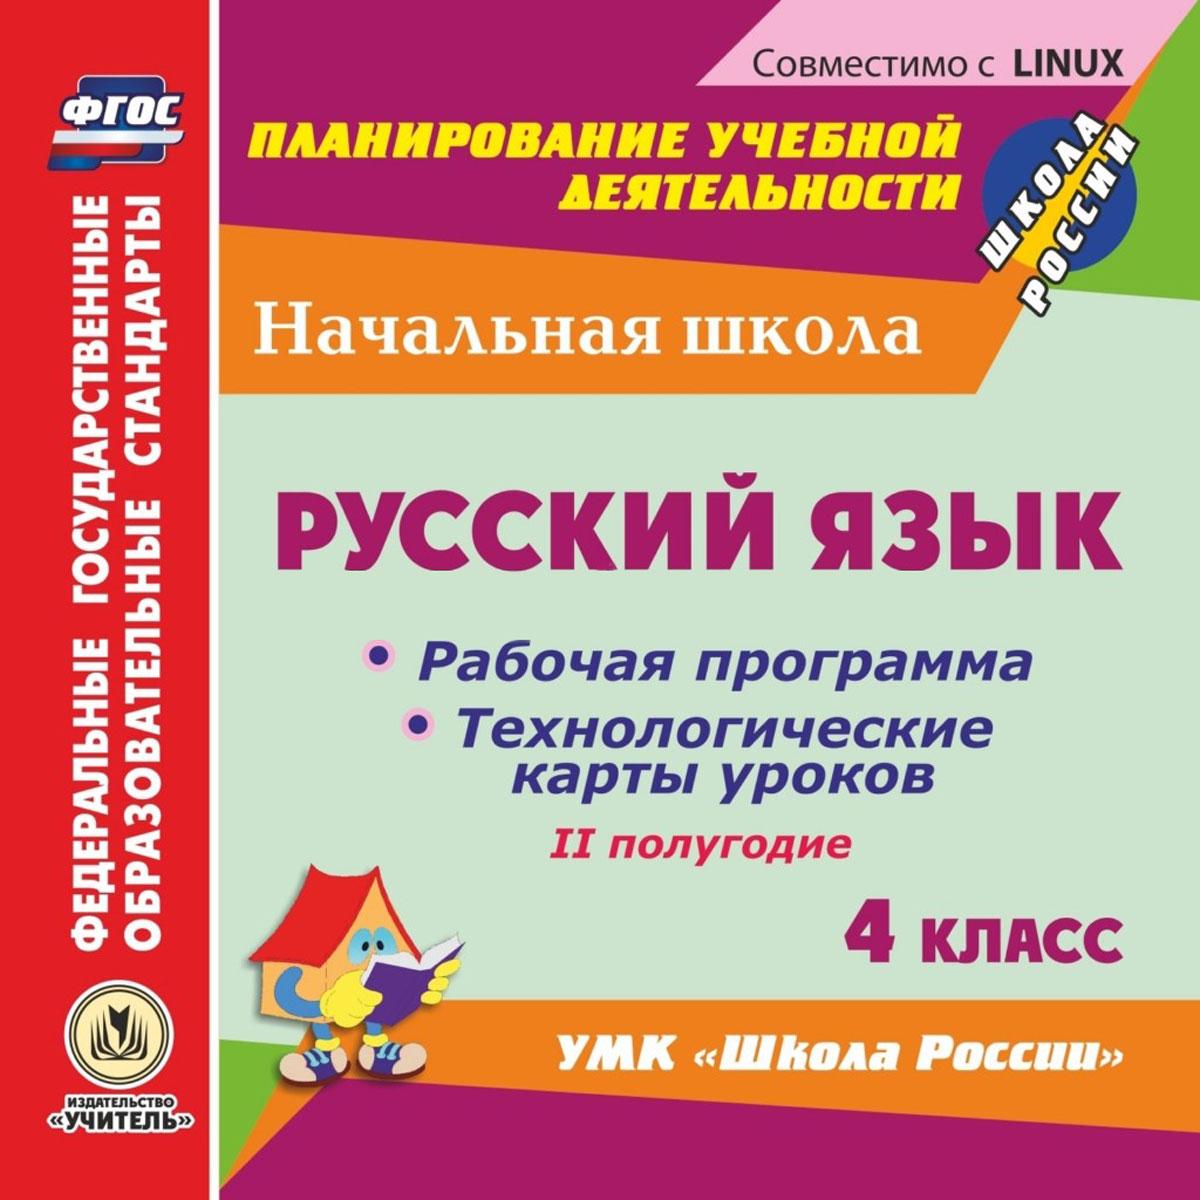 Русский язык. 4 класс. II полугодие. Рабочая программа и технологические карты уроков по УМК